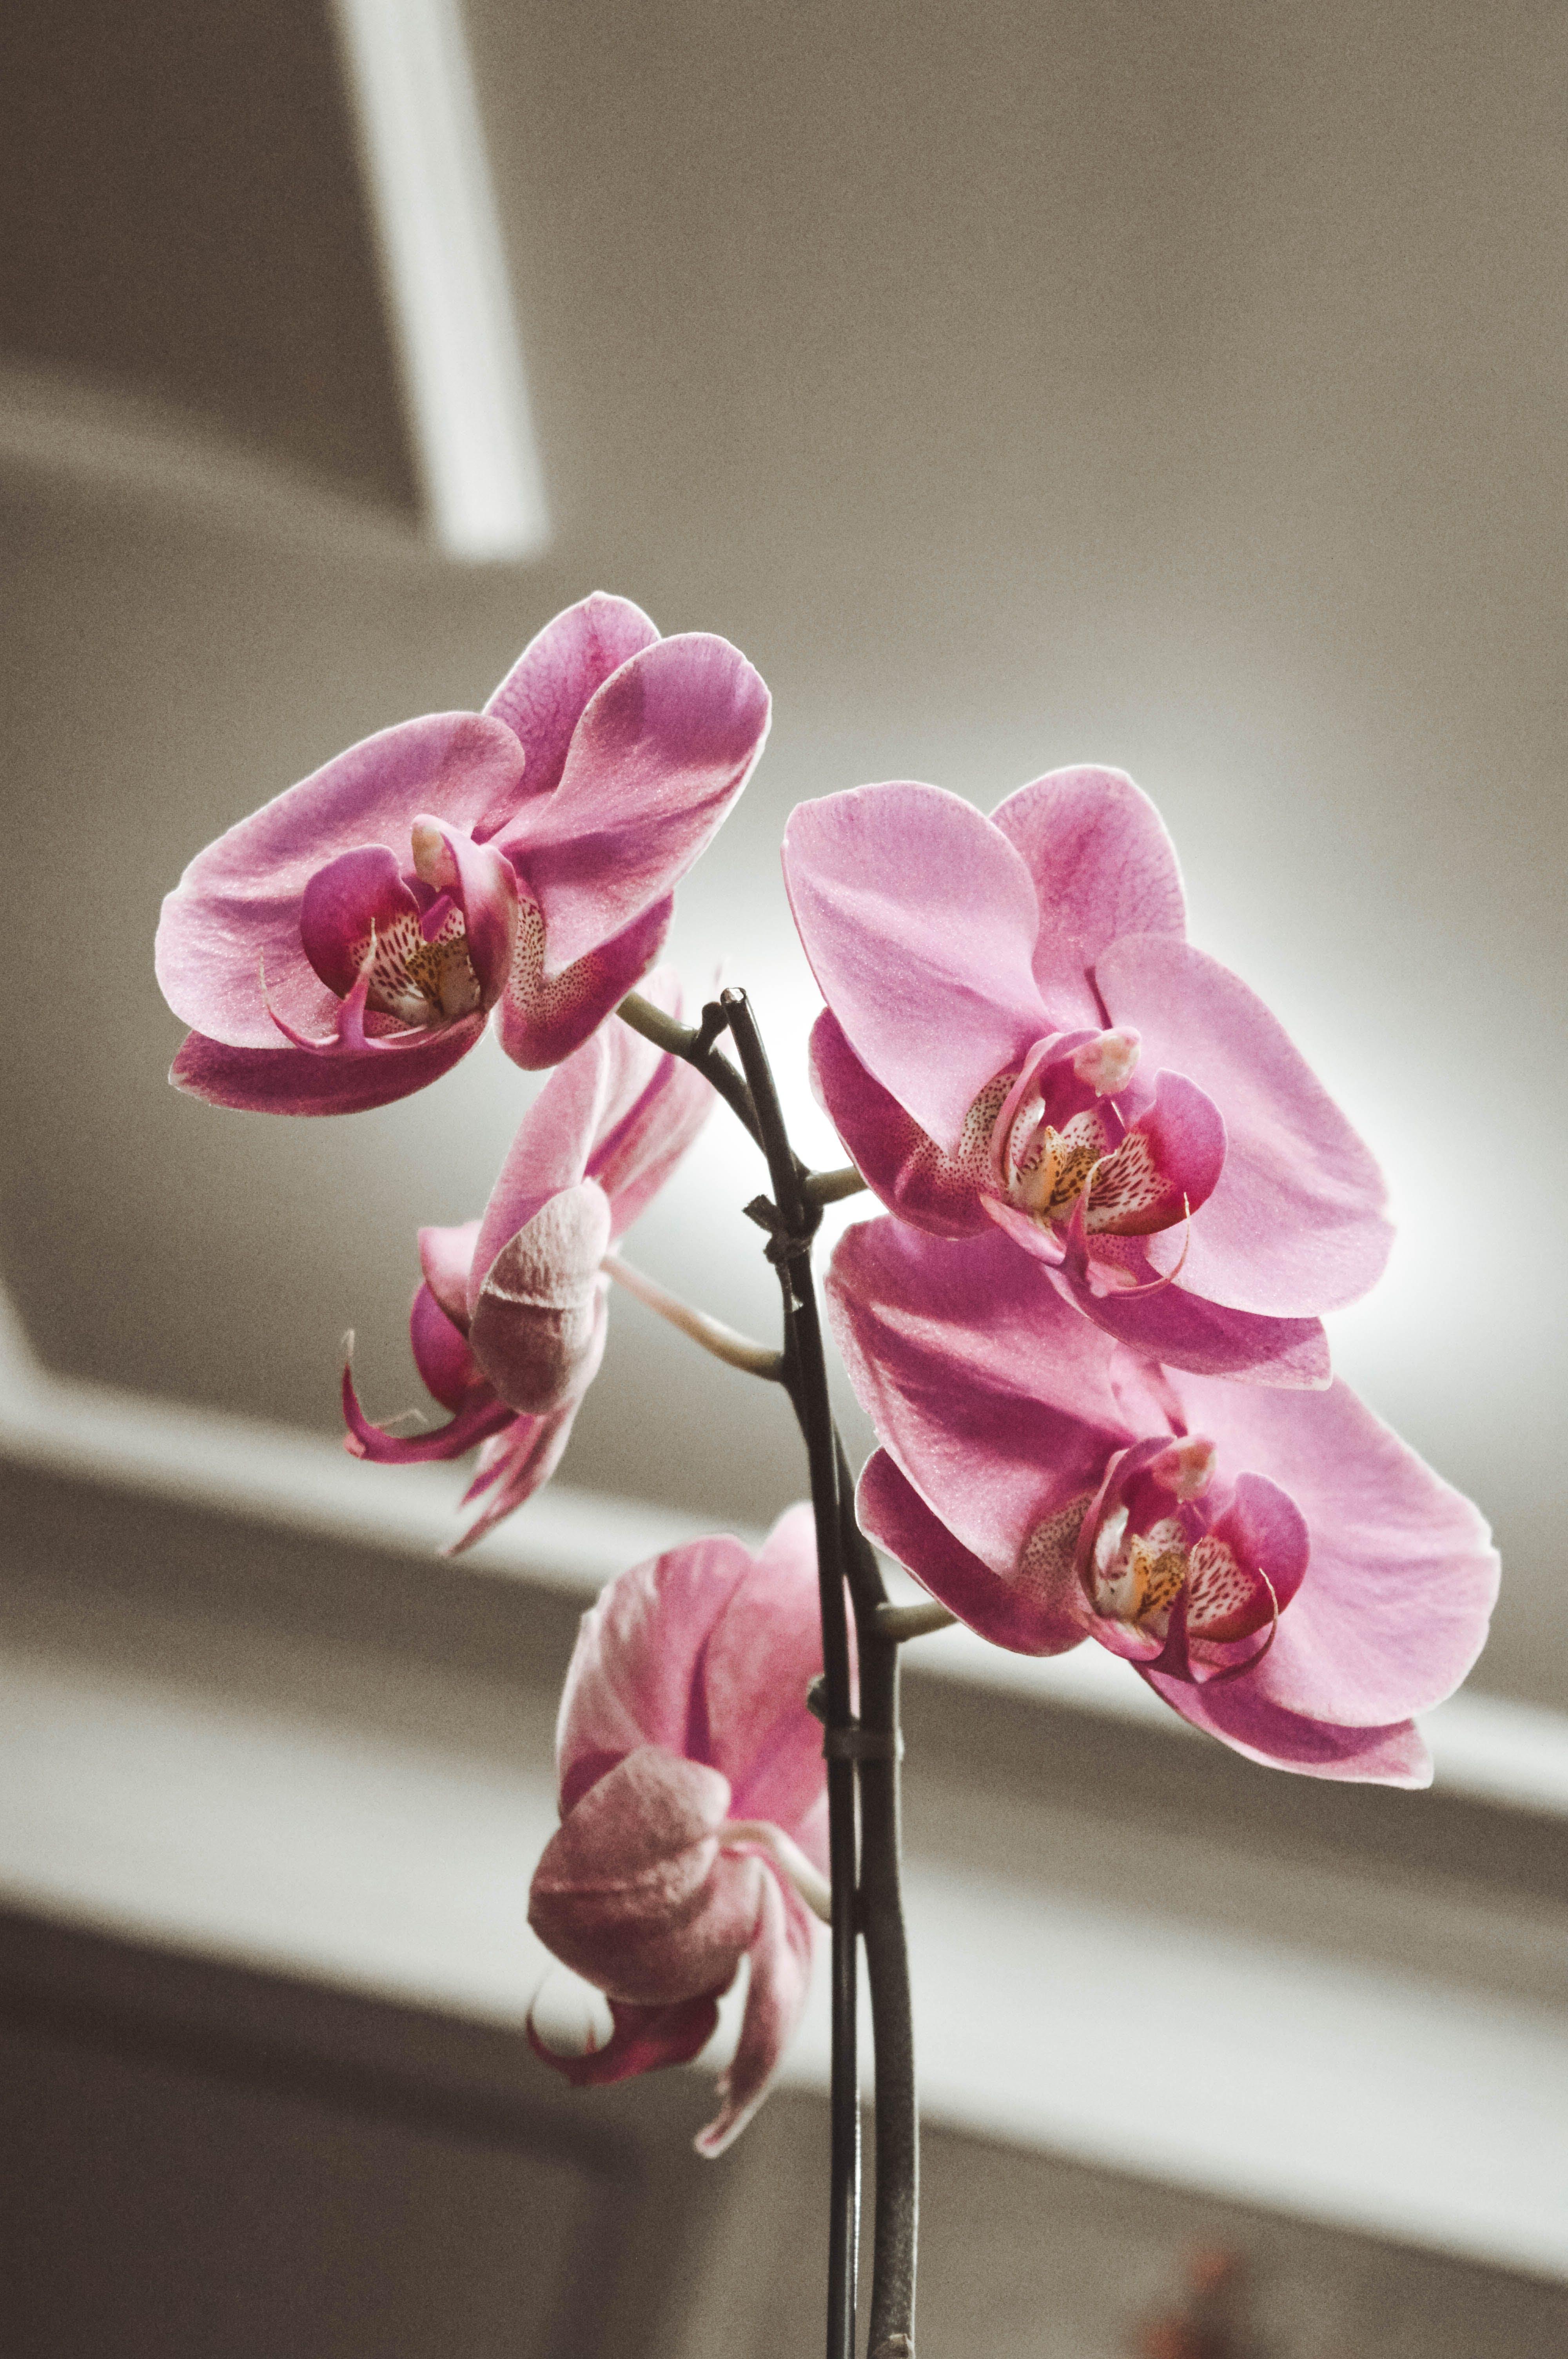 คลังภาพถ่ายฟรี ของ กล้วยไม้, กล้วยไม้สีม่วง, ดอกไม้, ดอกไม้ฤดูใบไม้ผลิ